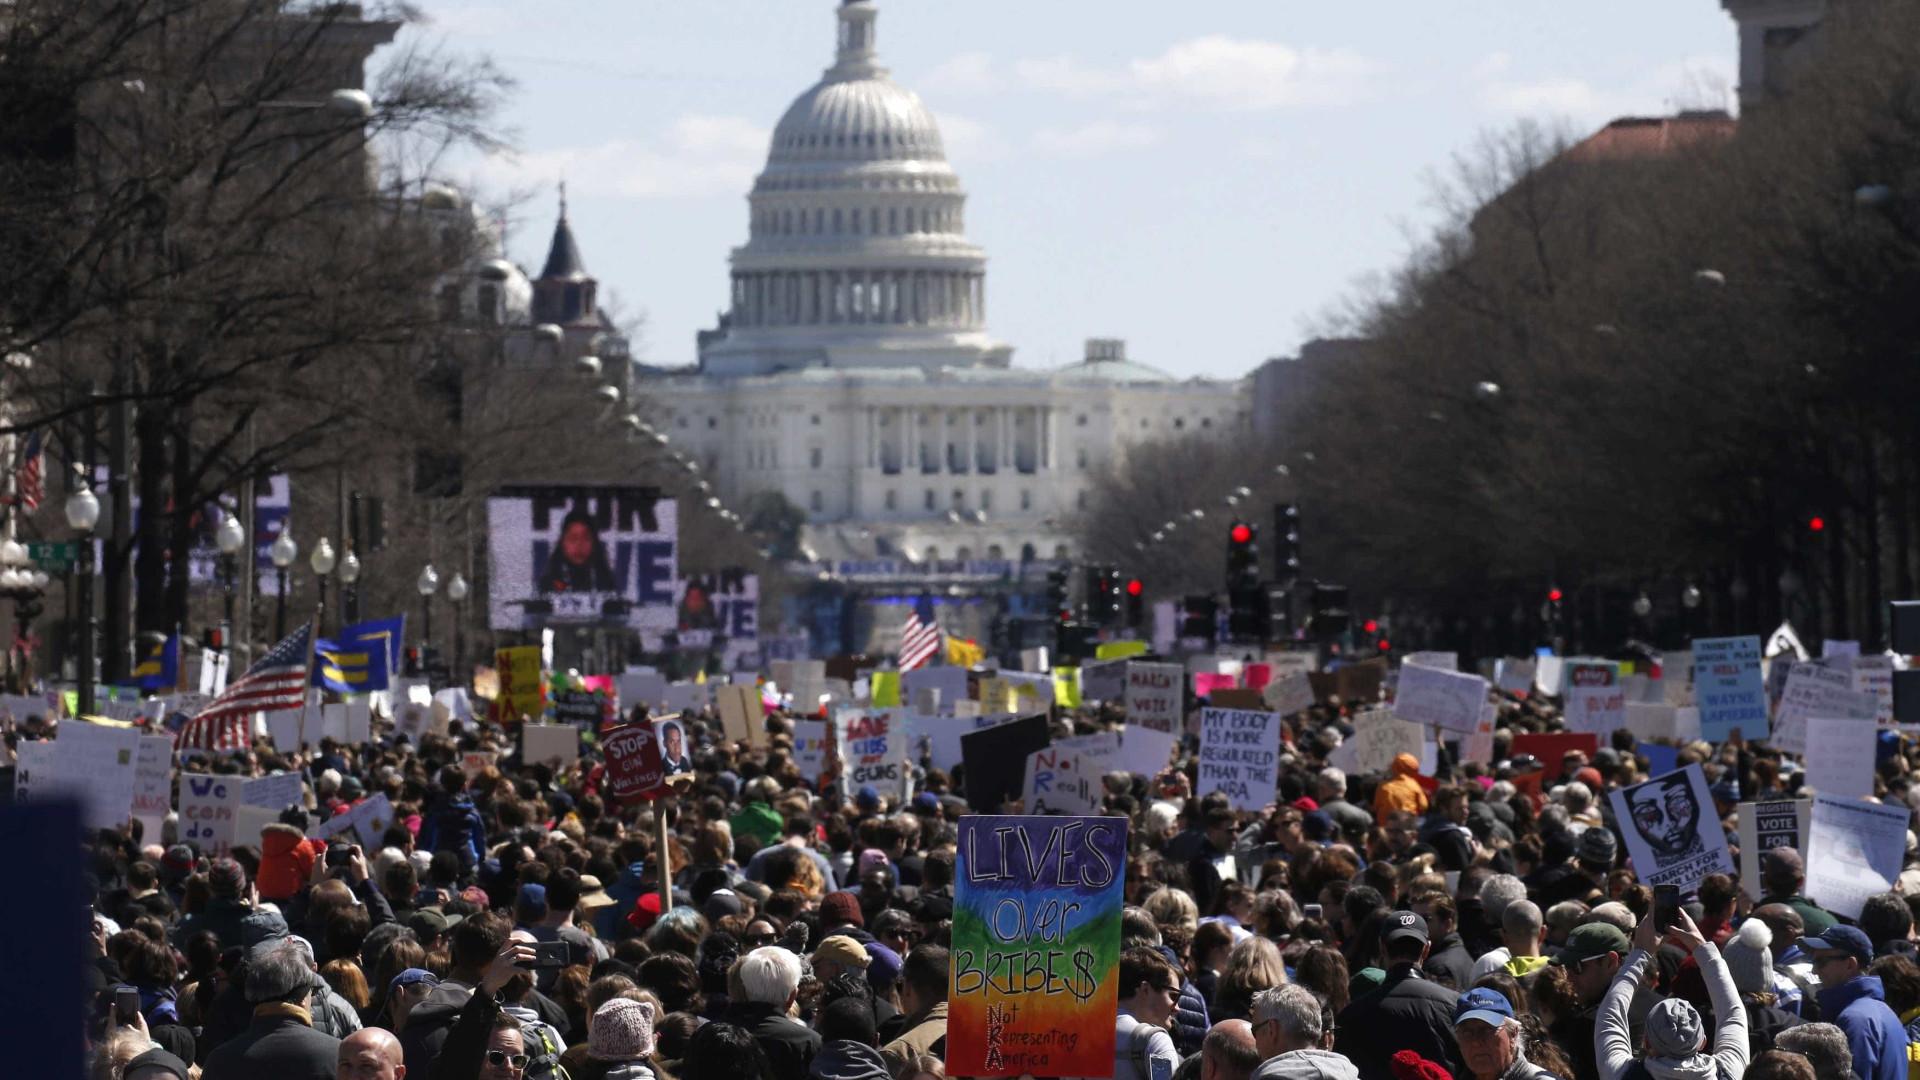 Em marcha histórica, jovens pedem restrições a armas nos EUA